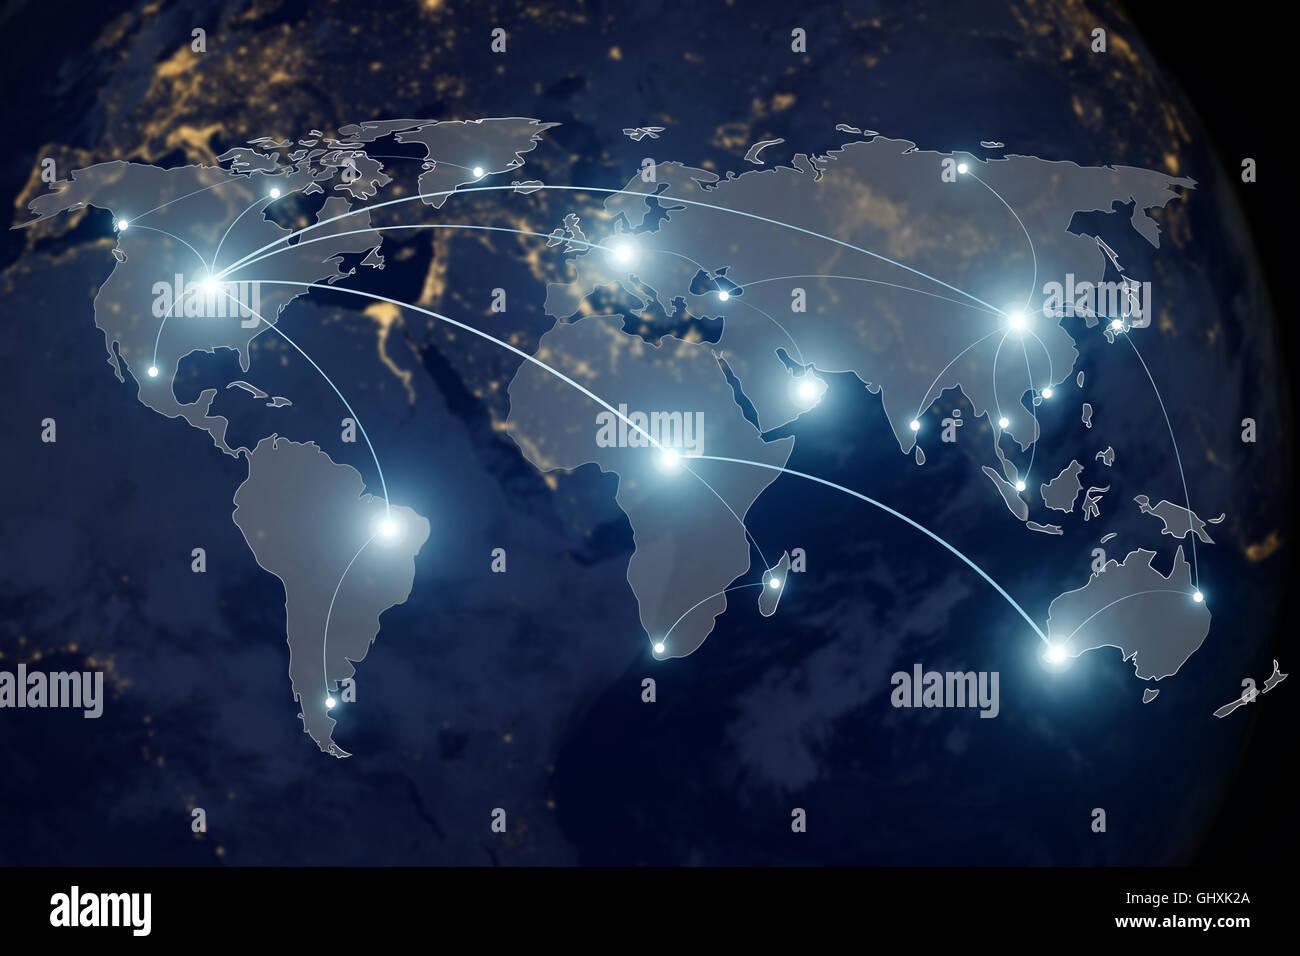 Netzwerk-Verbindung Technologiekonzept - Netzwerk Verbindung Partnerschaft und Weltkarte. Elemente dieses Bildes, Stockbild